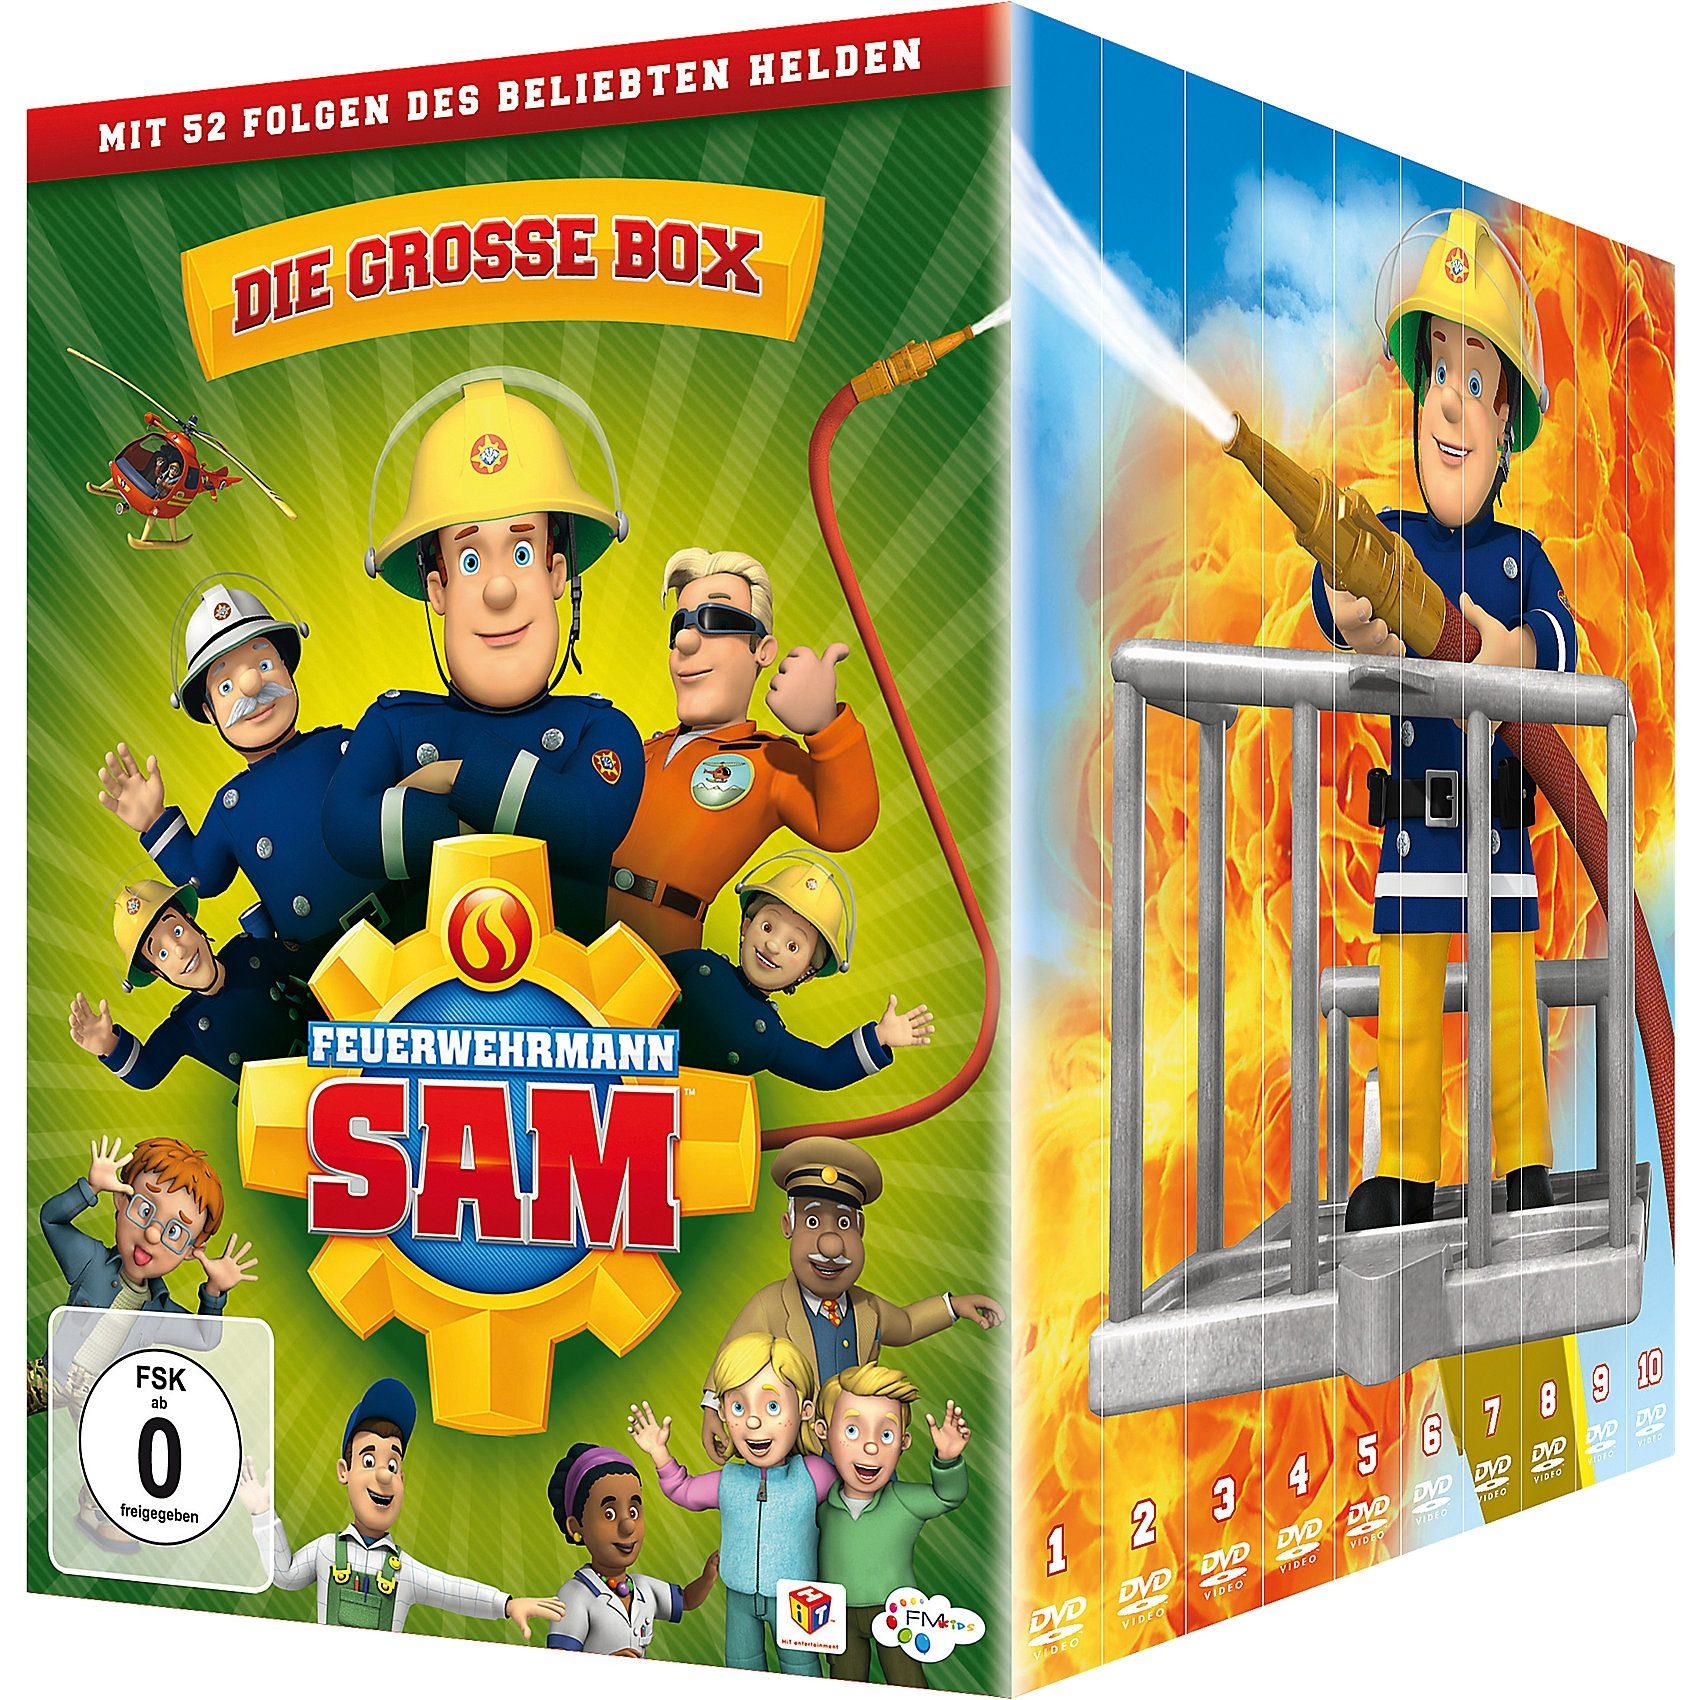 DVD Feuerwehrmann Sam - die große Box